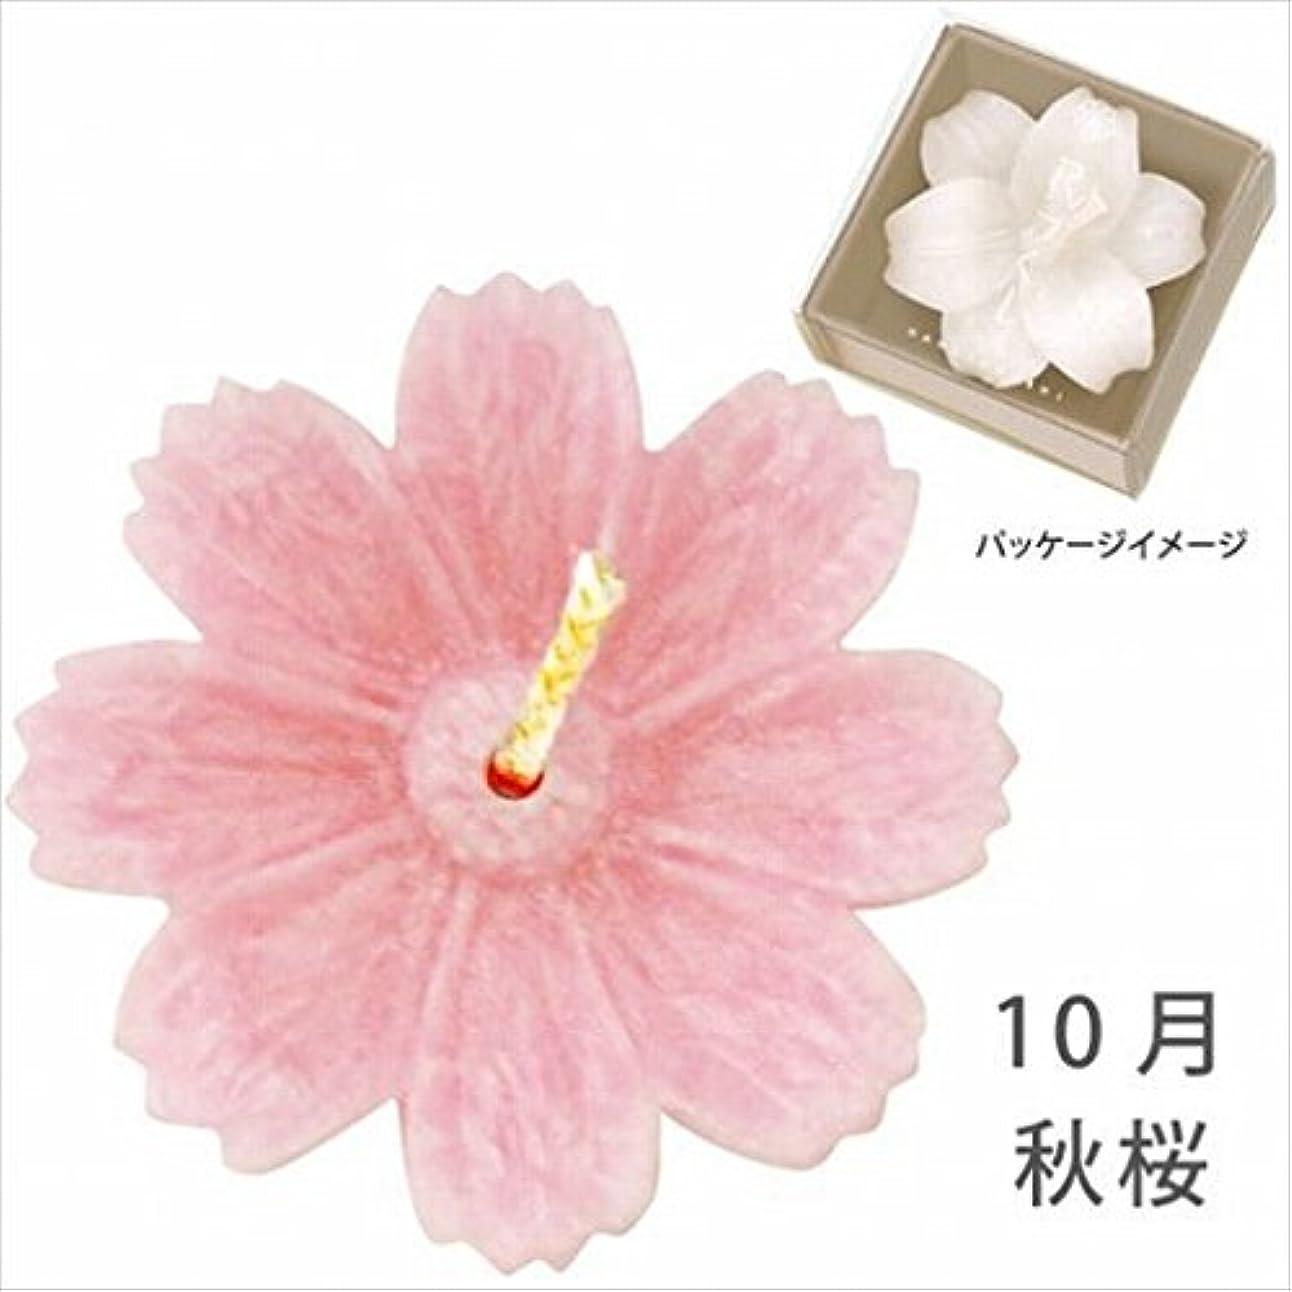 ハブ二十滴下カメヤマキャンドル(kameyama candle) 花づくし(植物性) 秋桜 「 秋桜(10月) 」 キャンドル